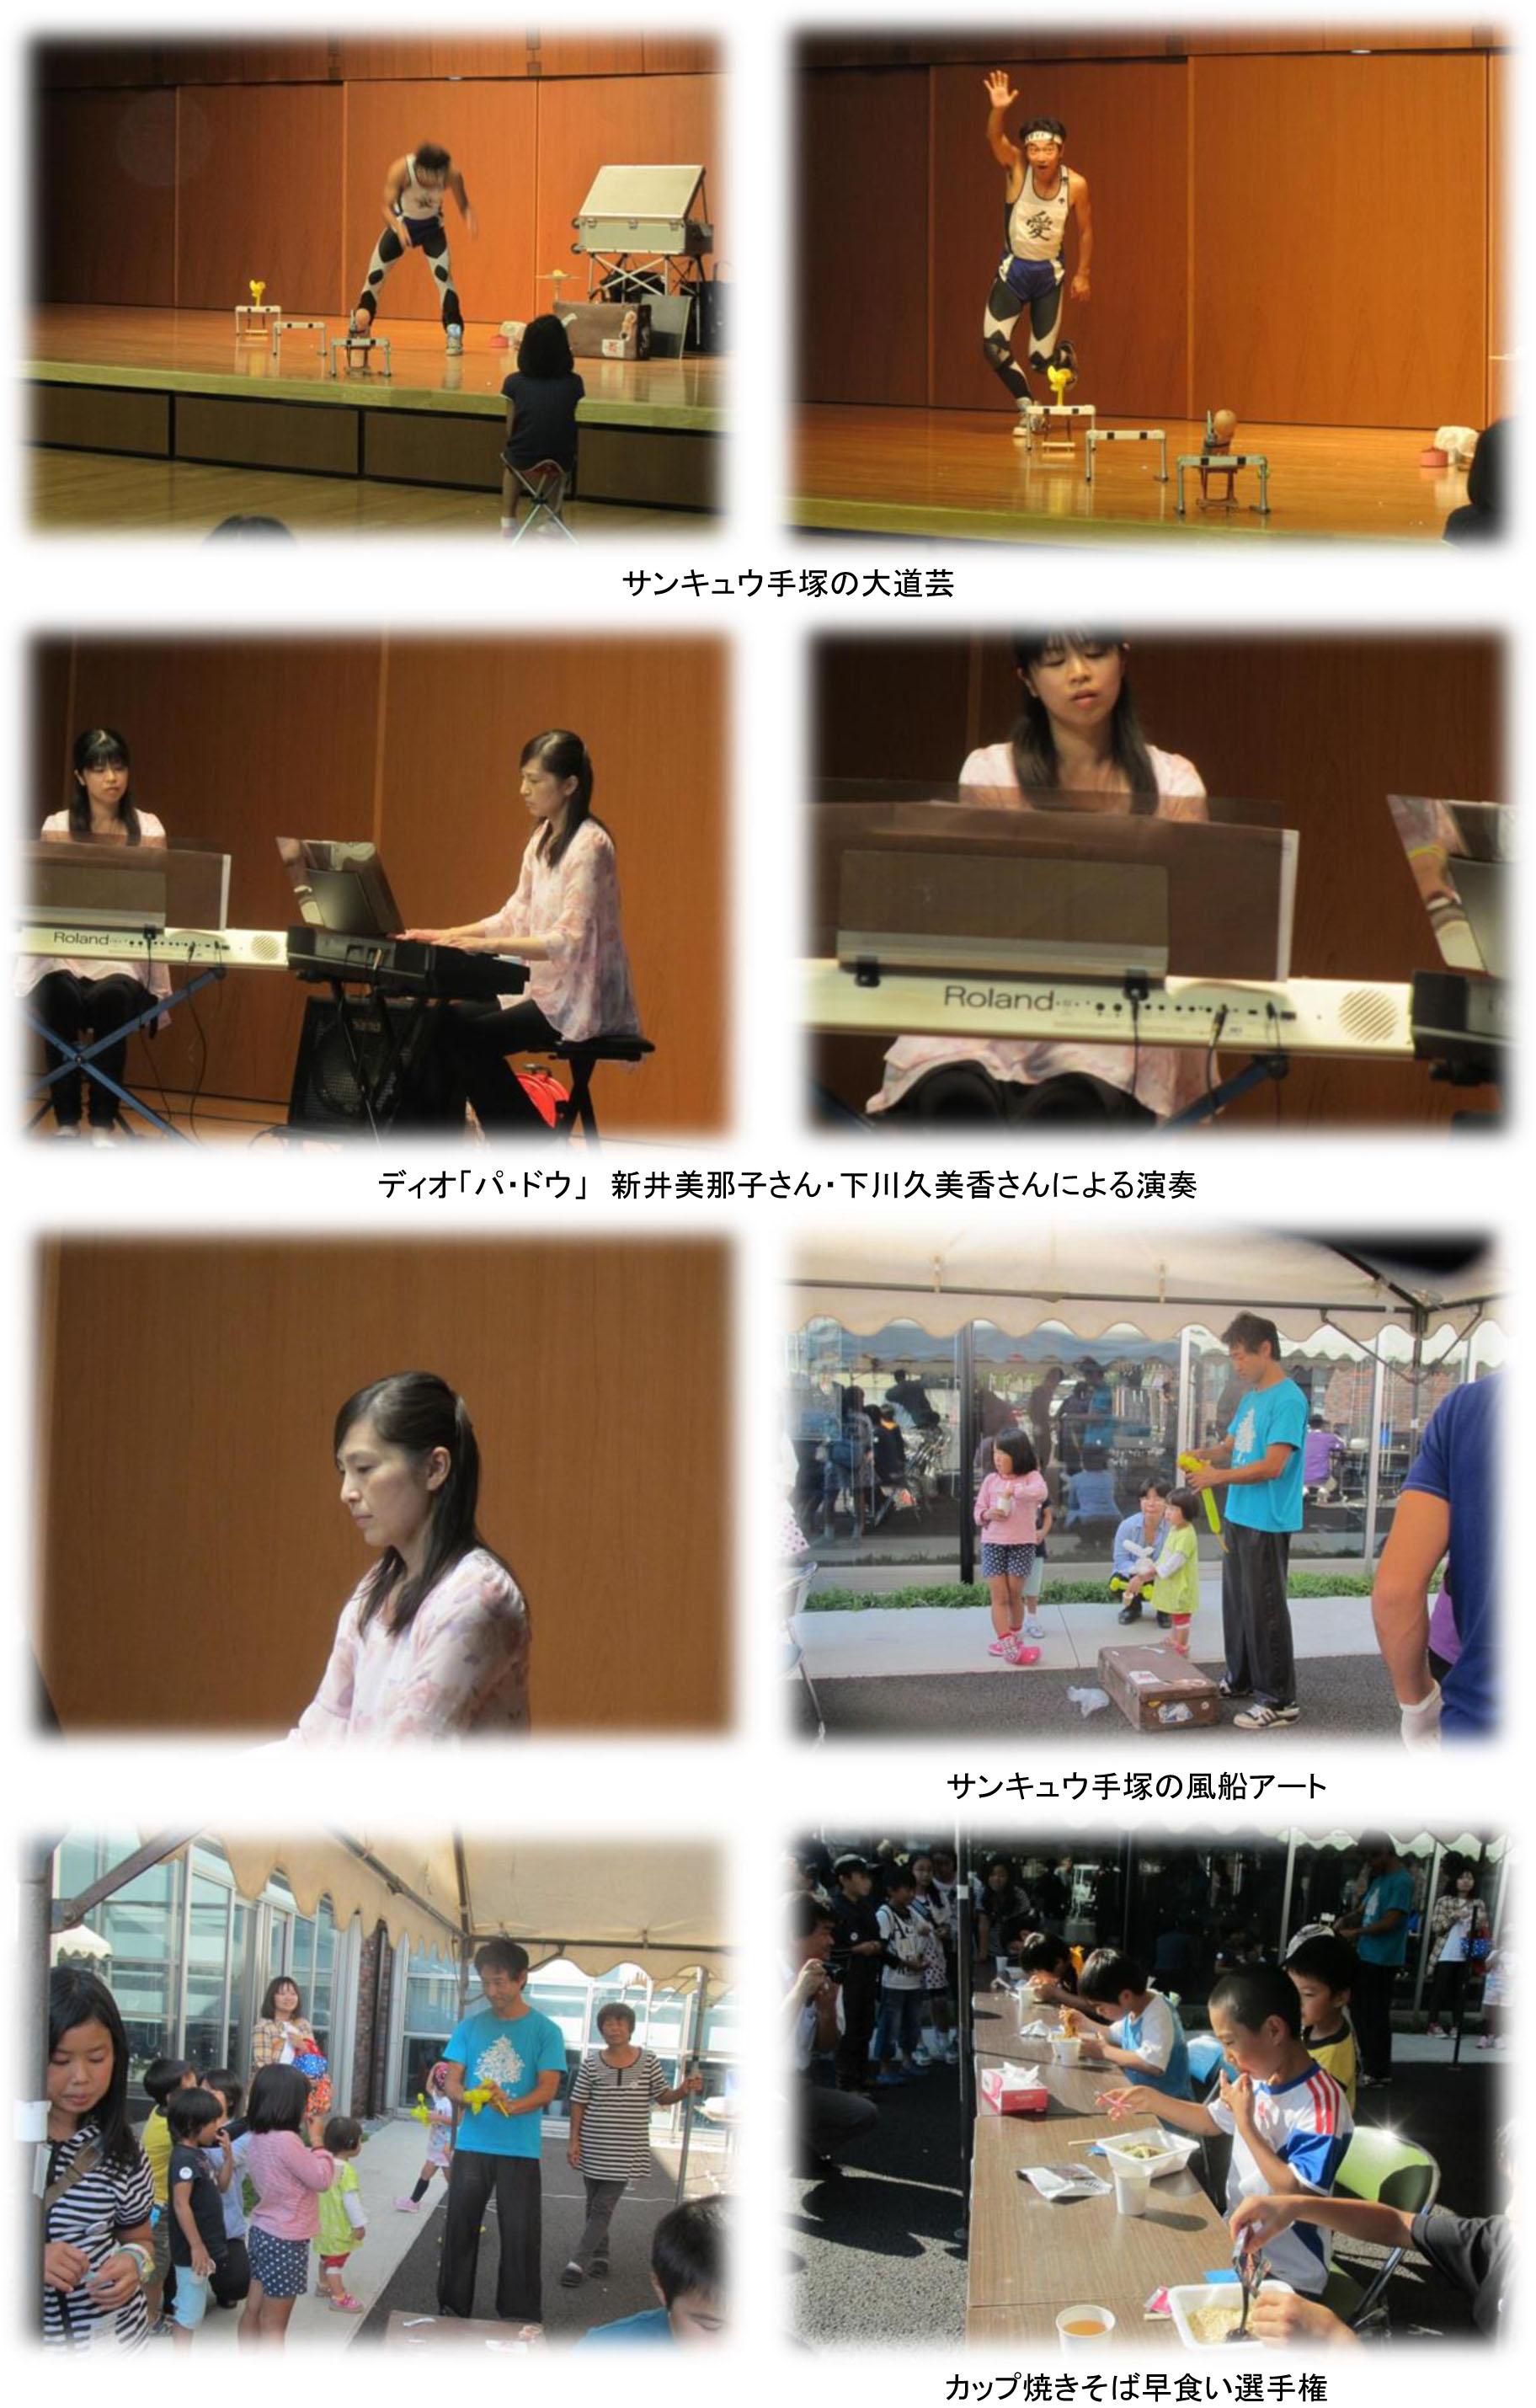 明科支所オープン1周年記念イベント-2